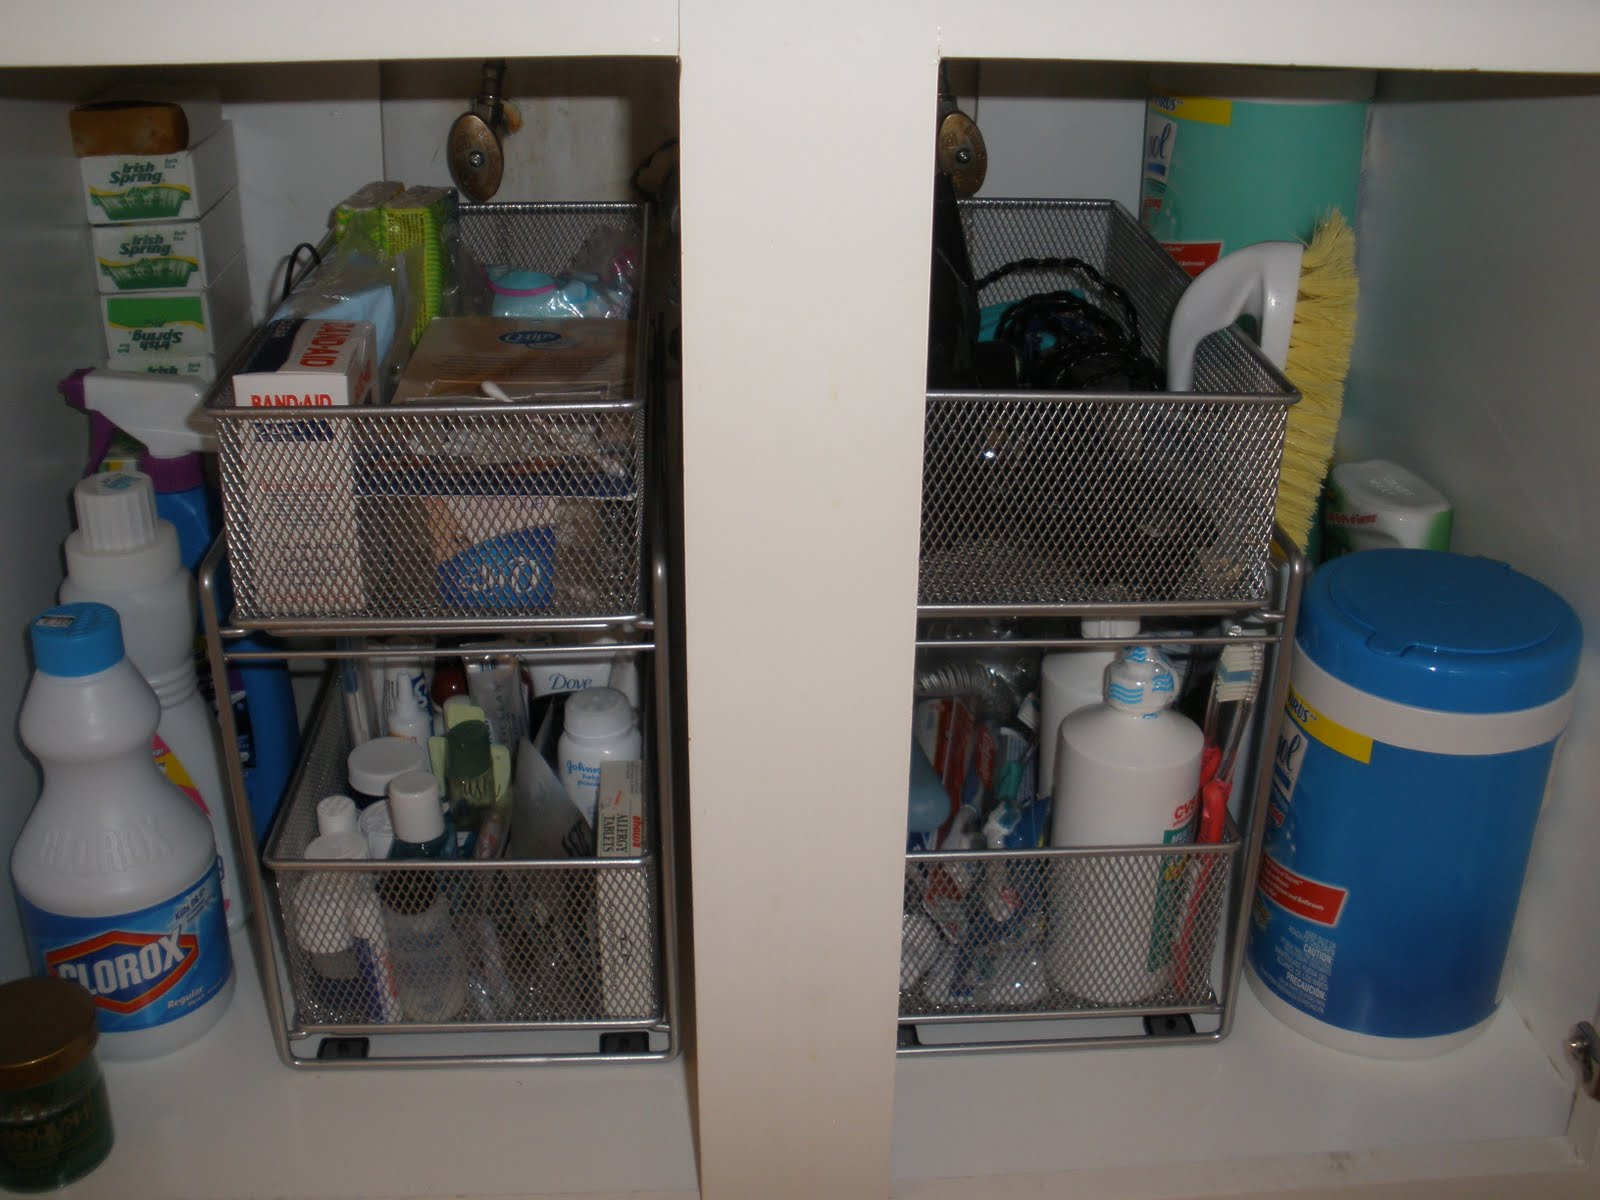 Organizing Under Bathroom Sink